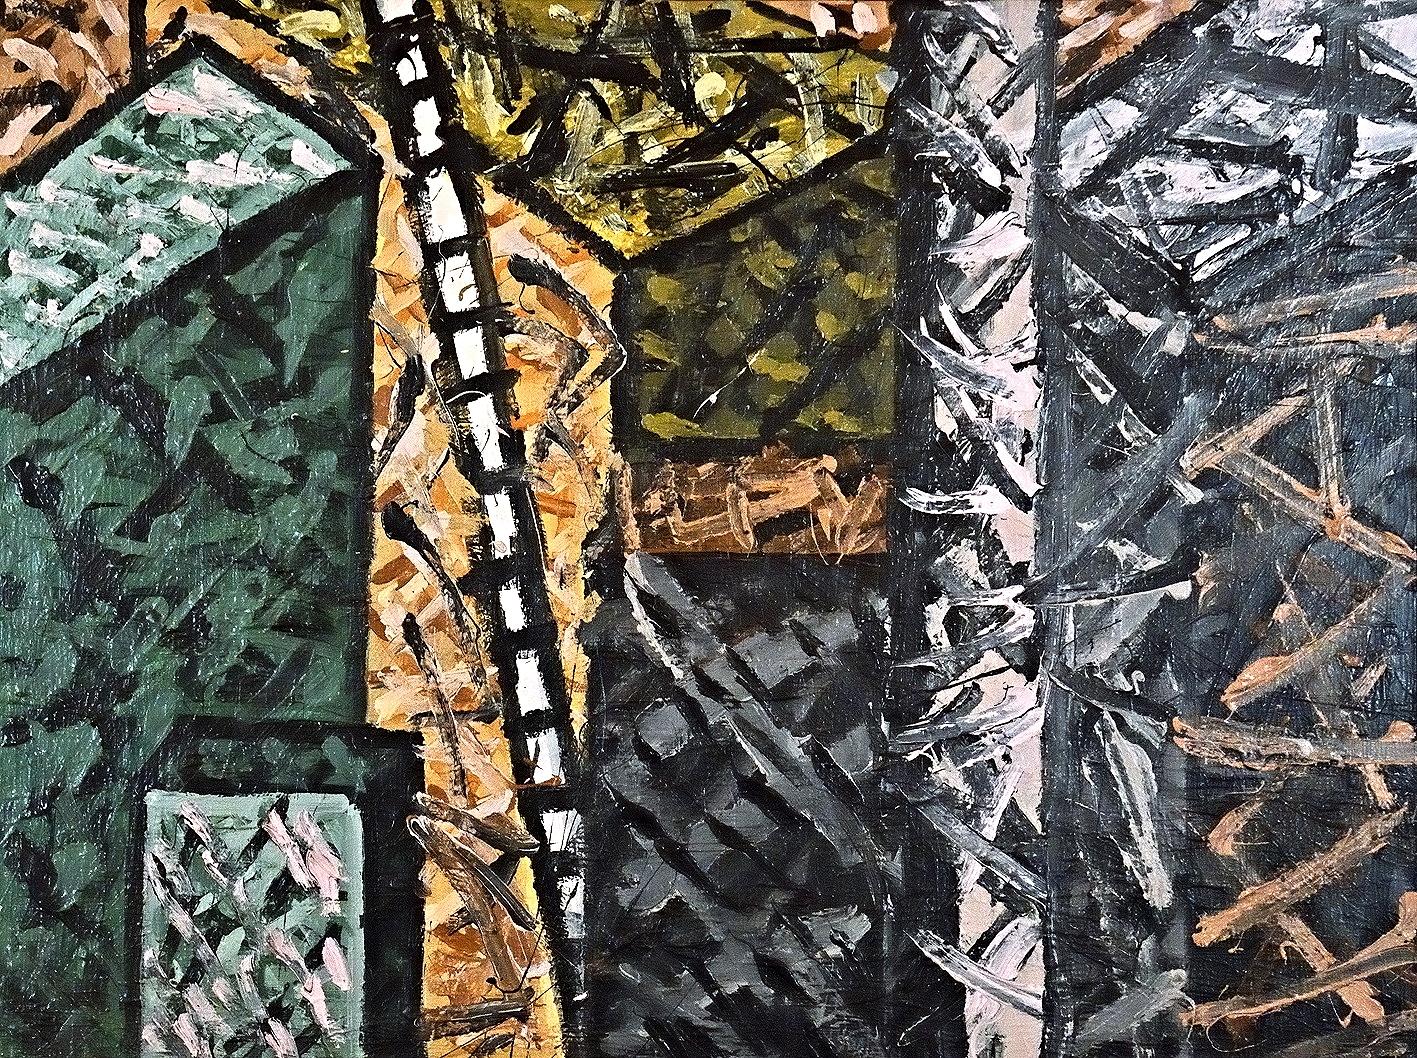 Die Werkstatt des Bildhauers 8, 1996/97/99